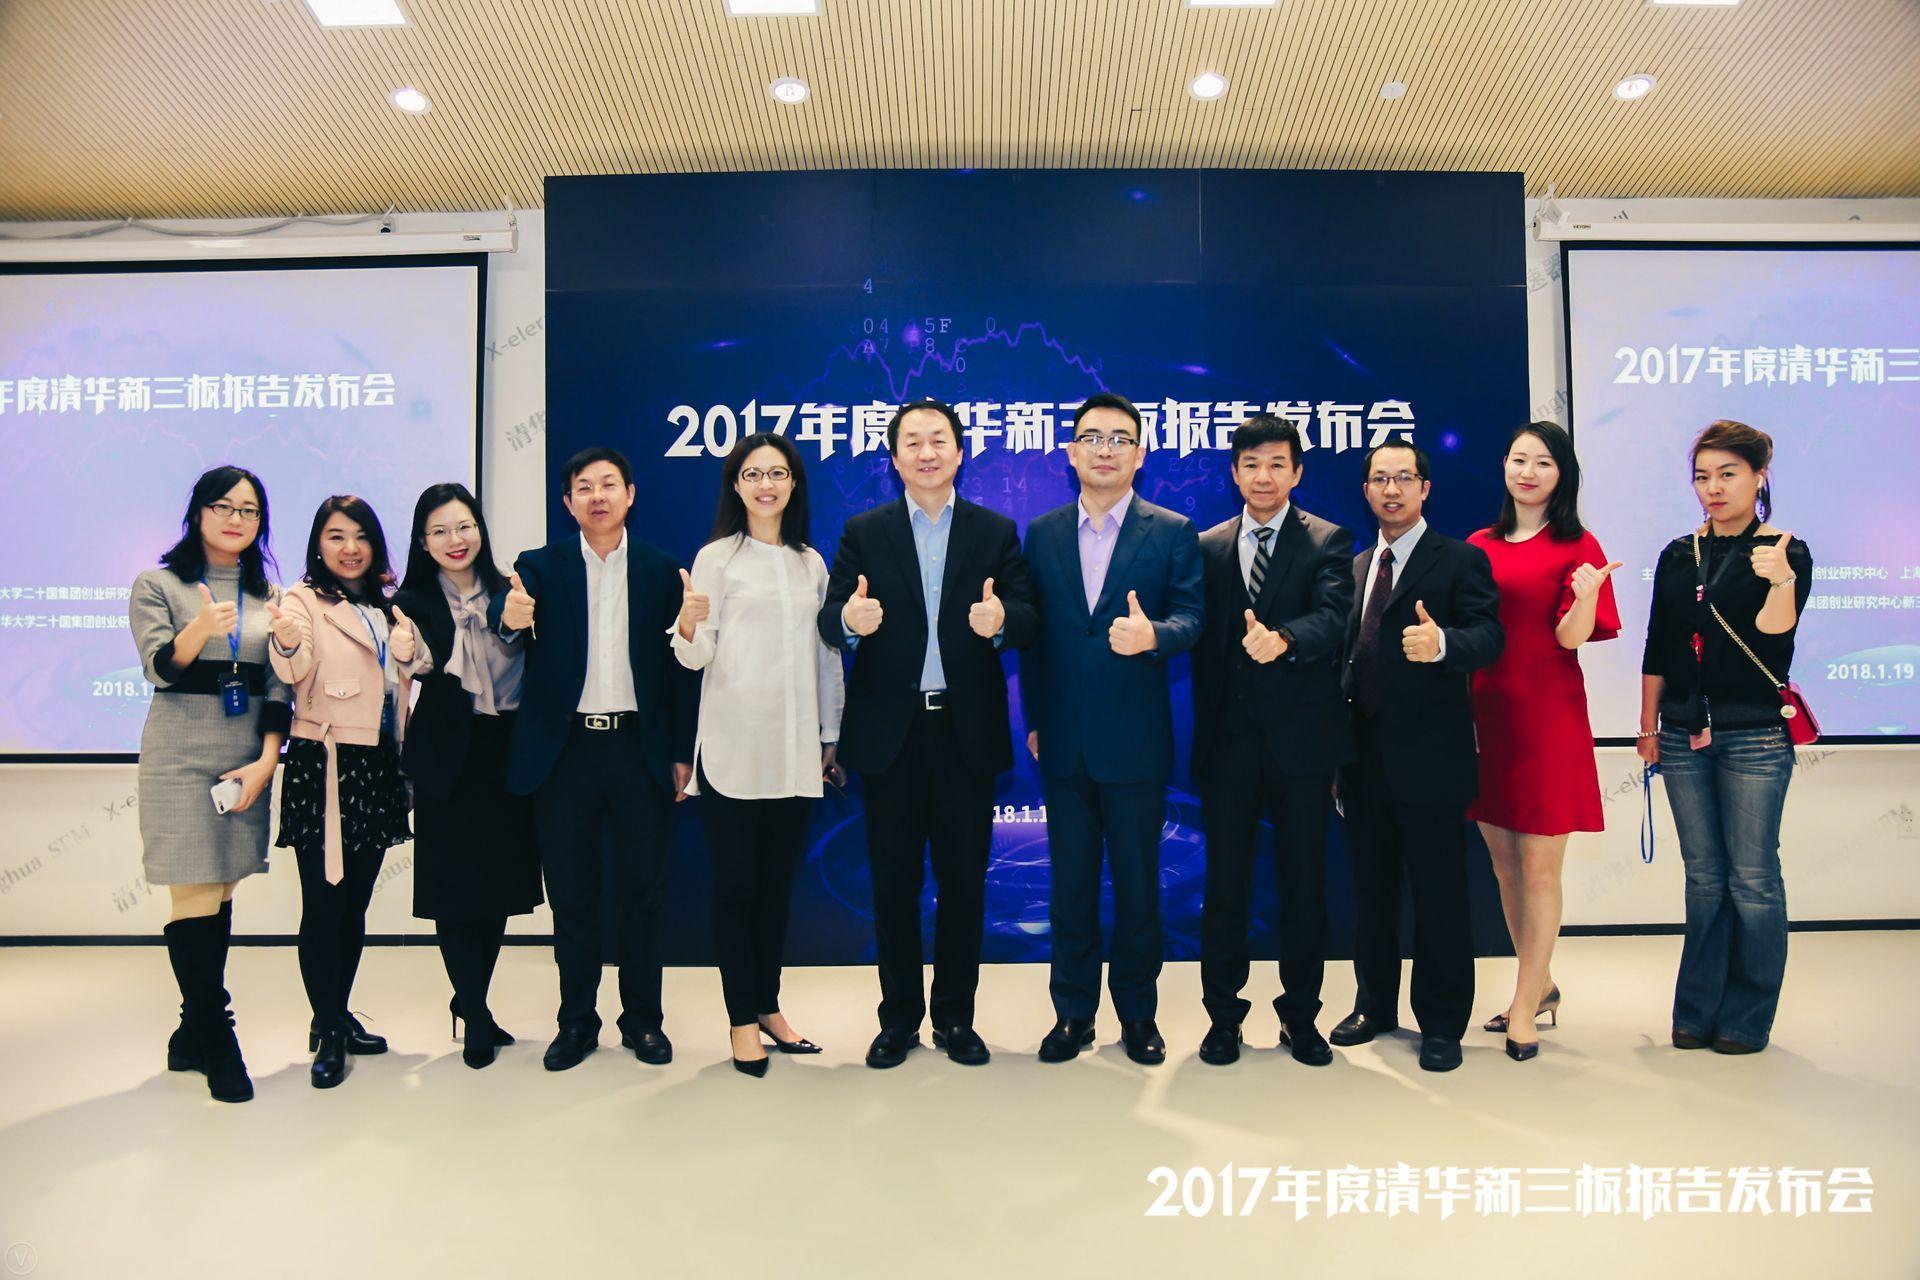 清华新三板2017年度研究报告发布